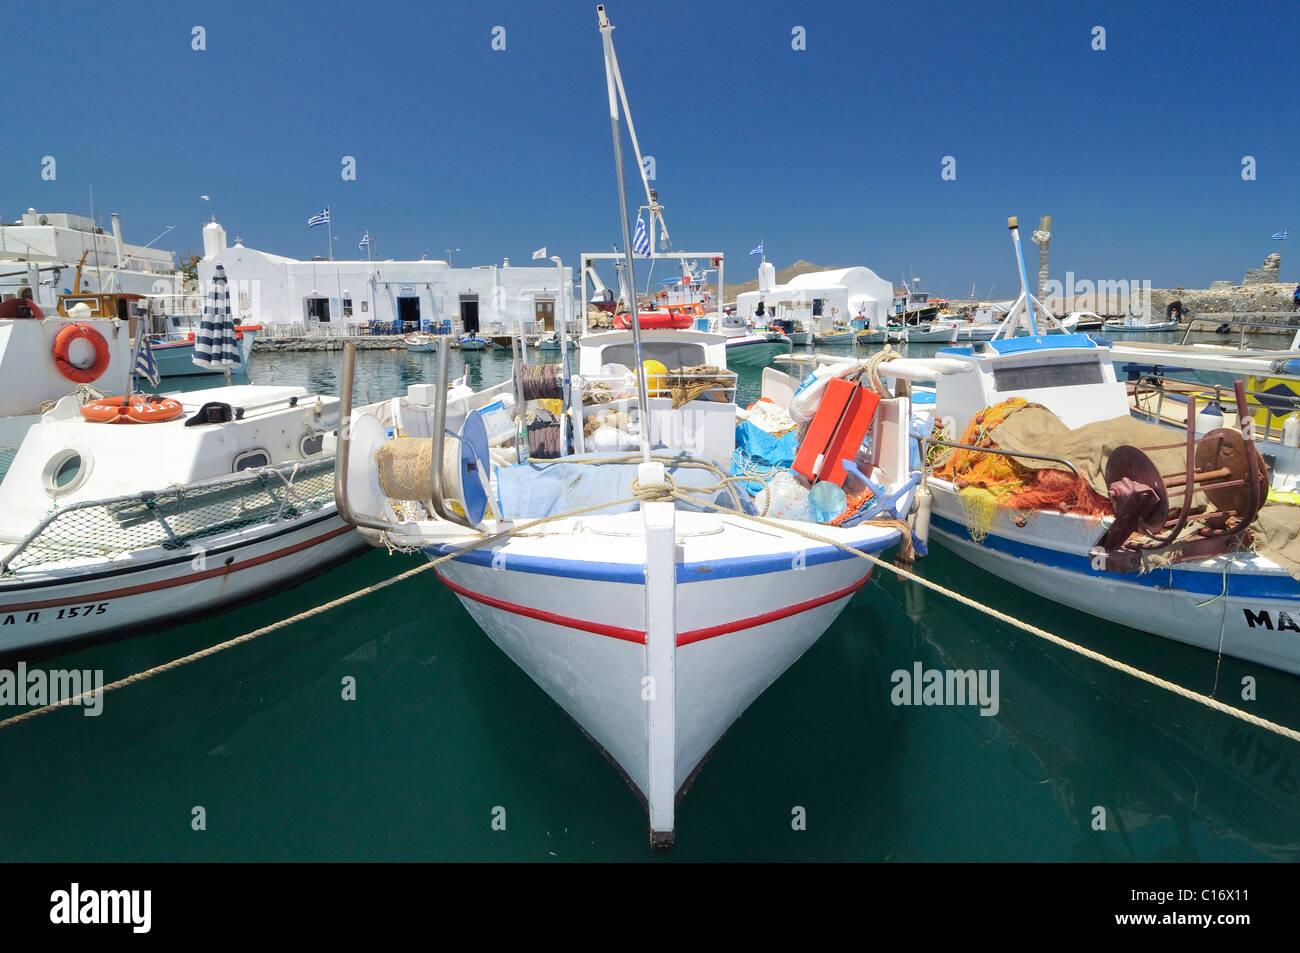 Bateaux de pêche dans le port de Naoussa, Paros, Cyclades, Greece, Europe Photo Stock